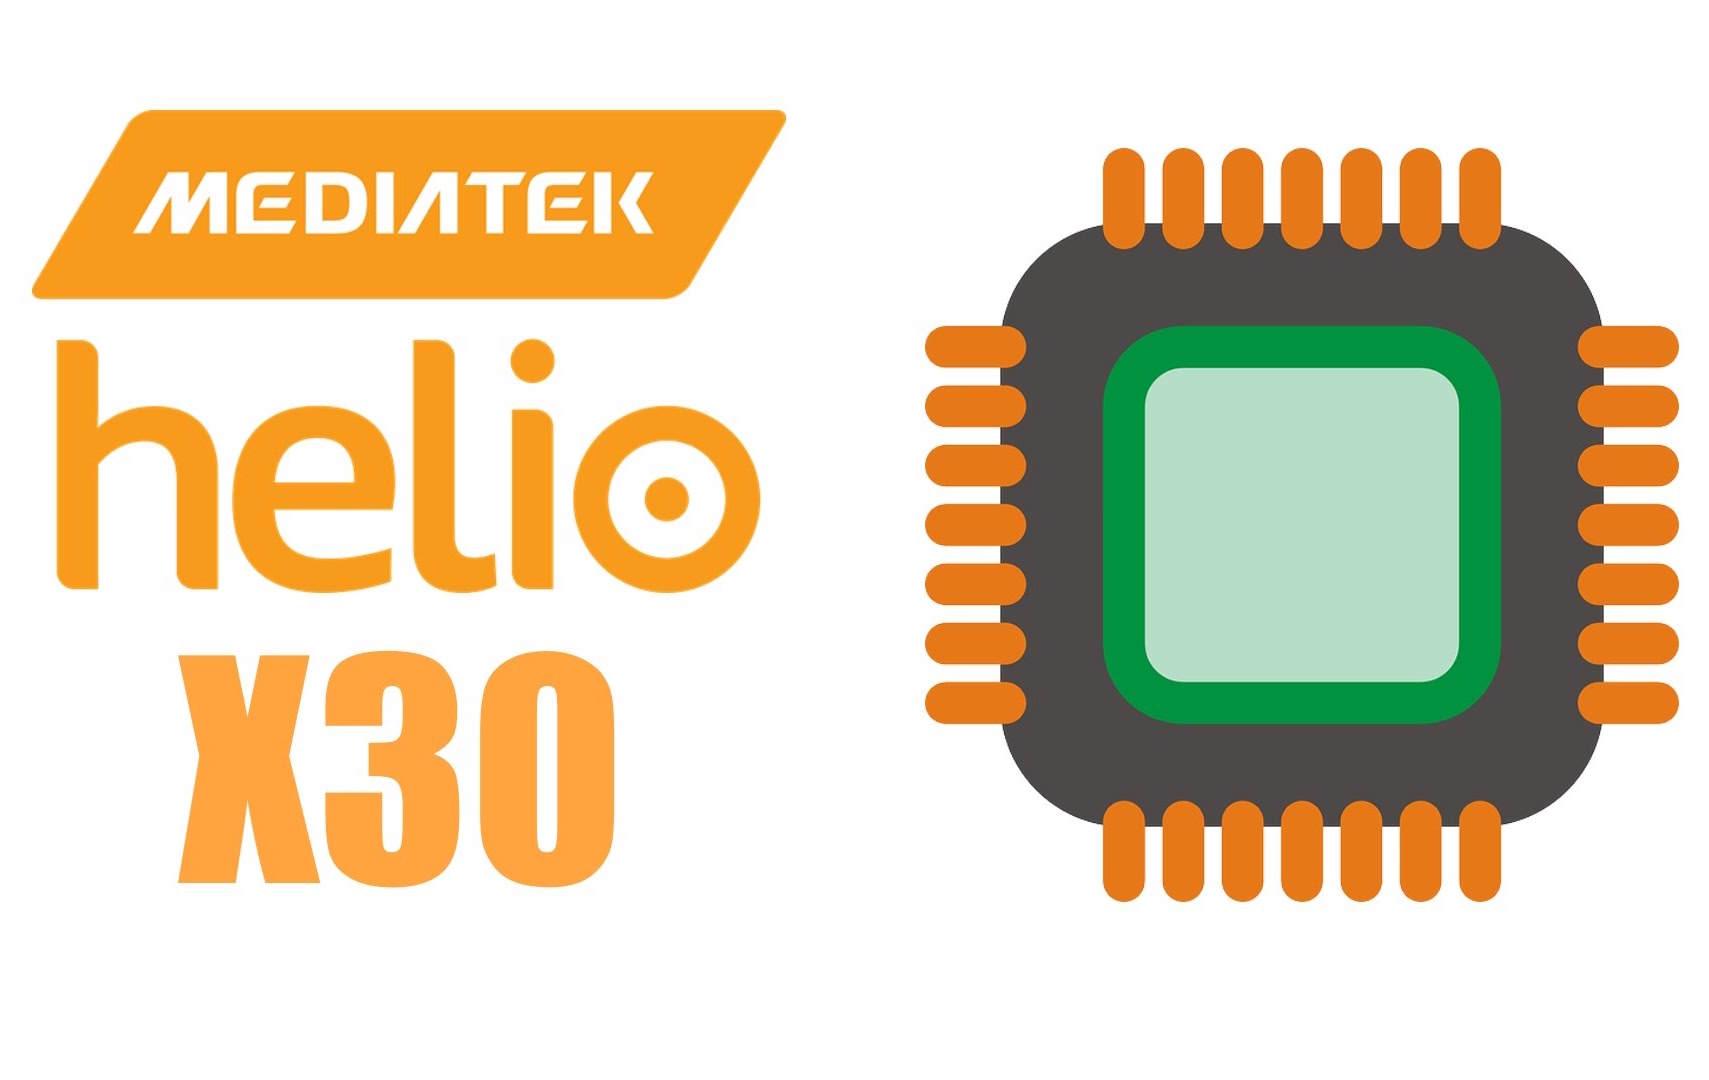 MediaTek Helio X30 2